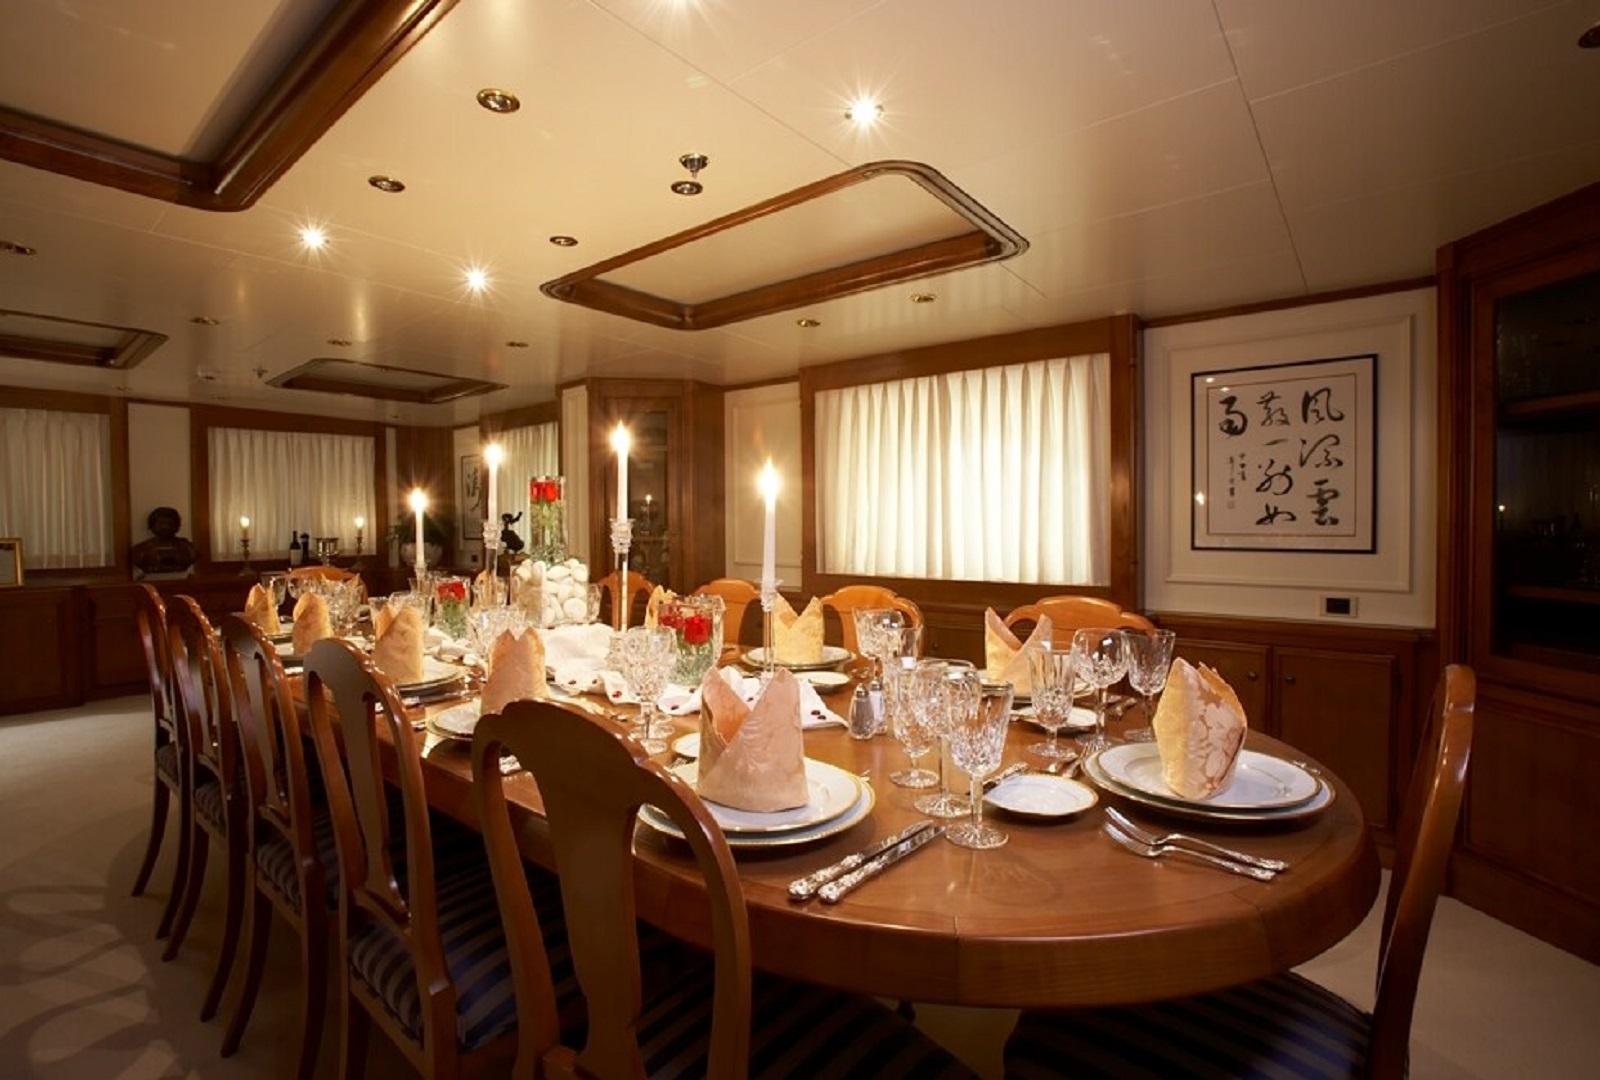 SEA WOLF - Interior Dining